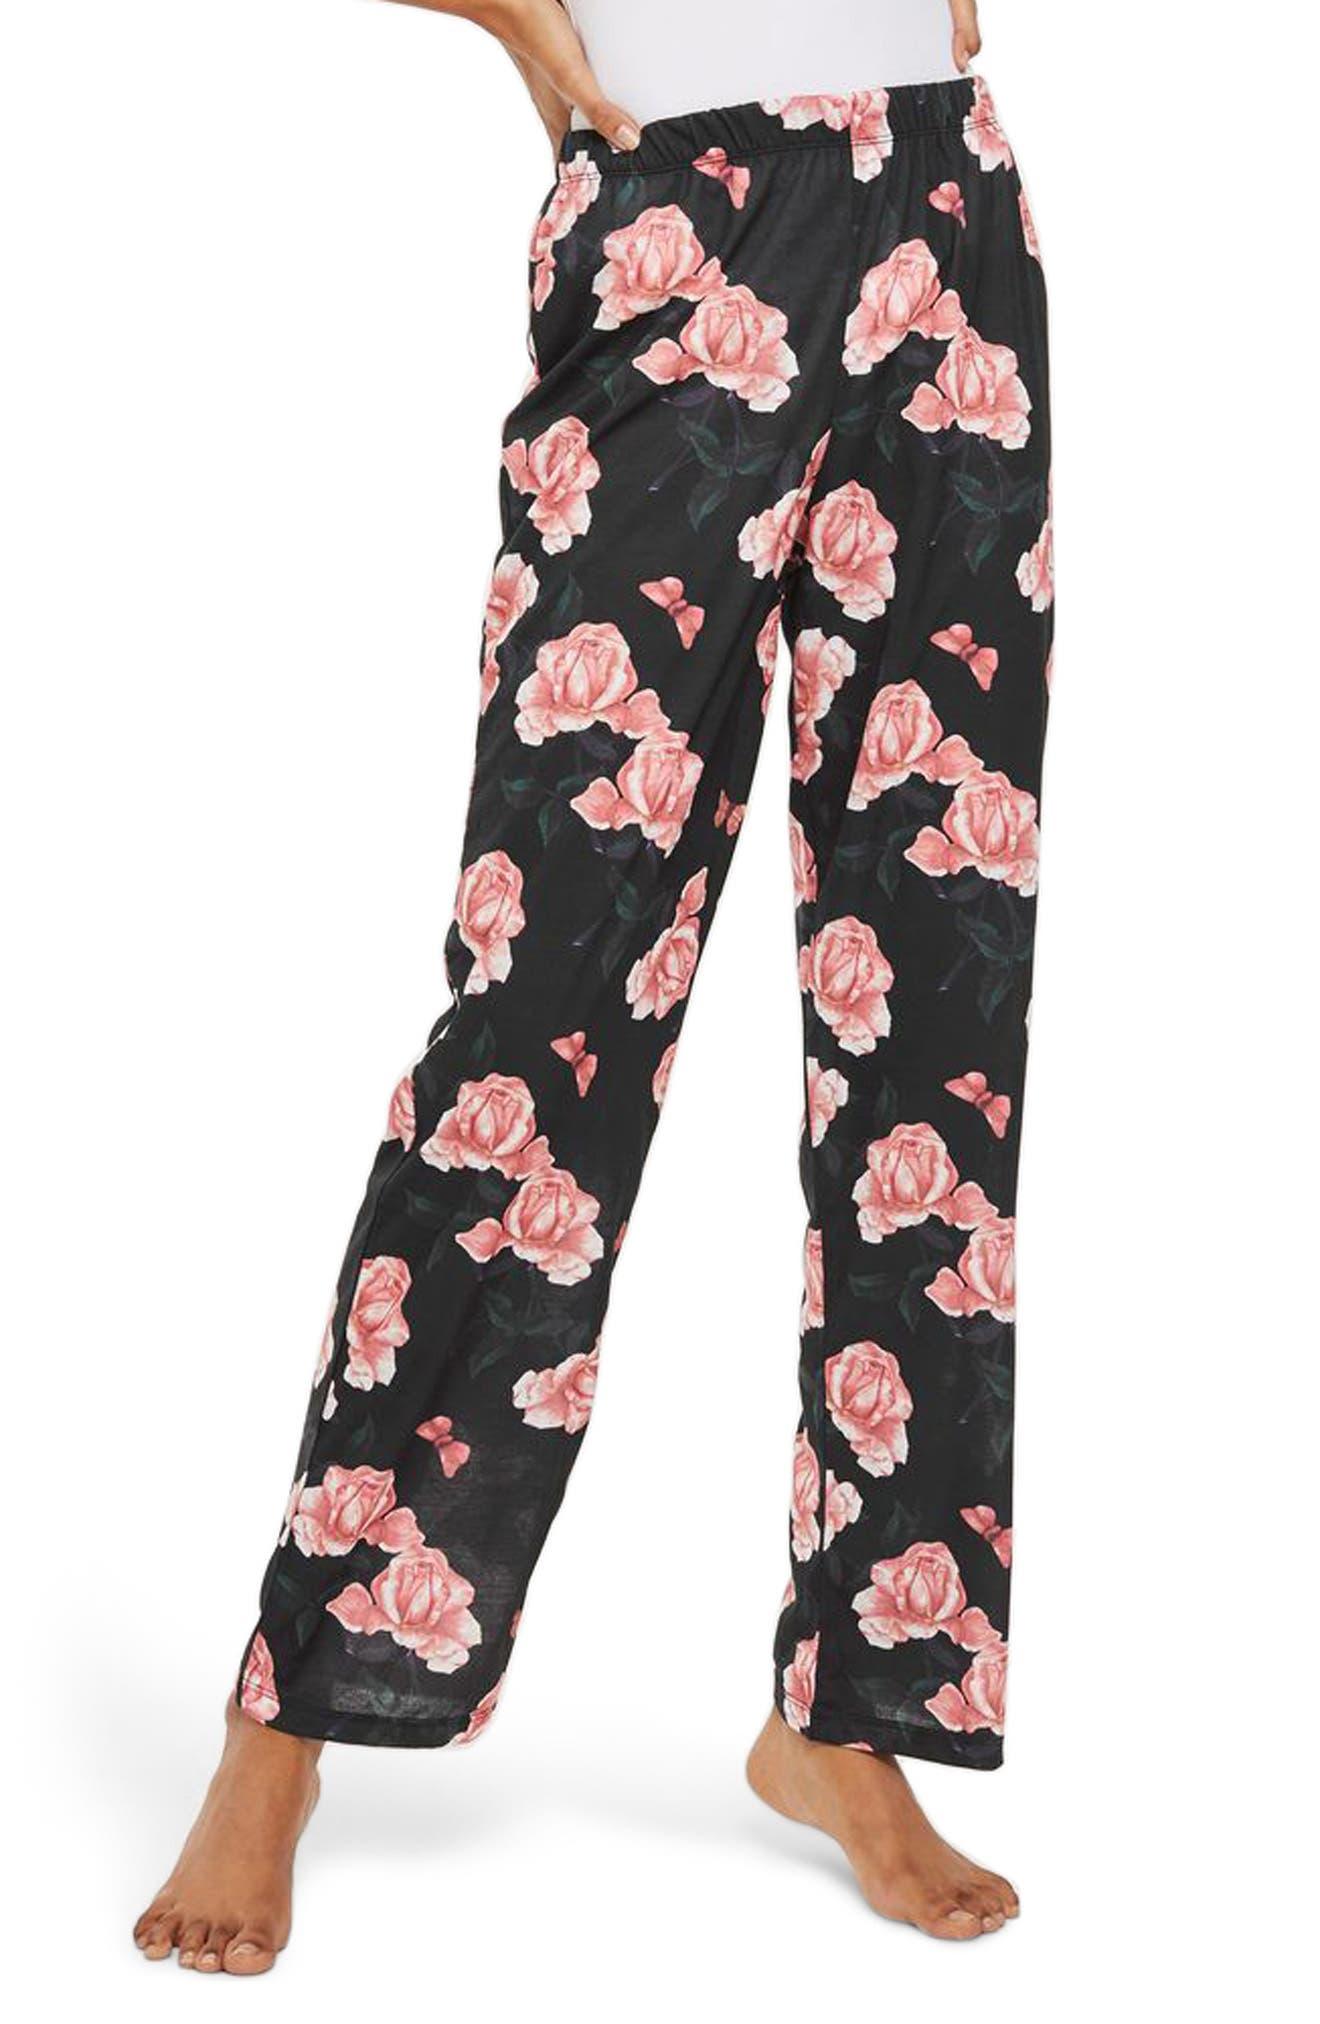 Rose Pajama Pants,                         Main,                         color, Black Multi